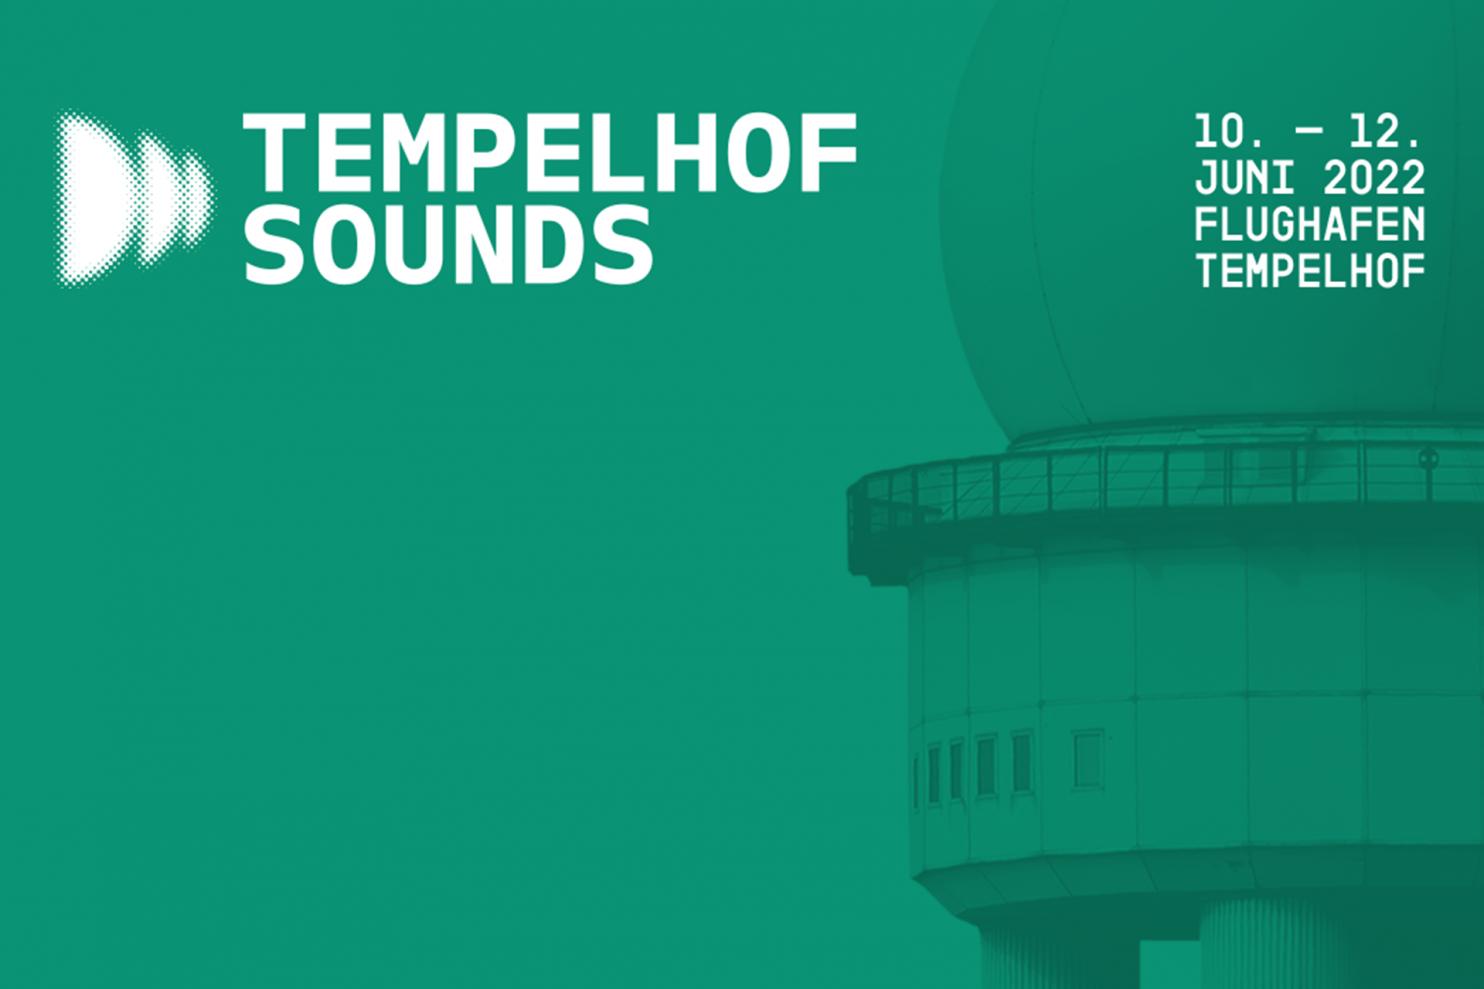 tempelhpof sounds berlin